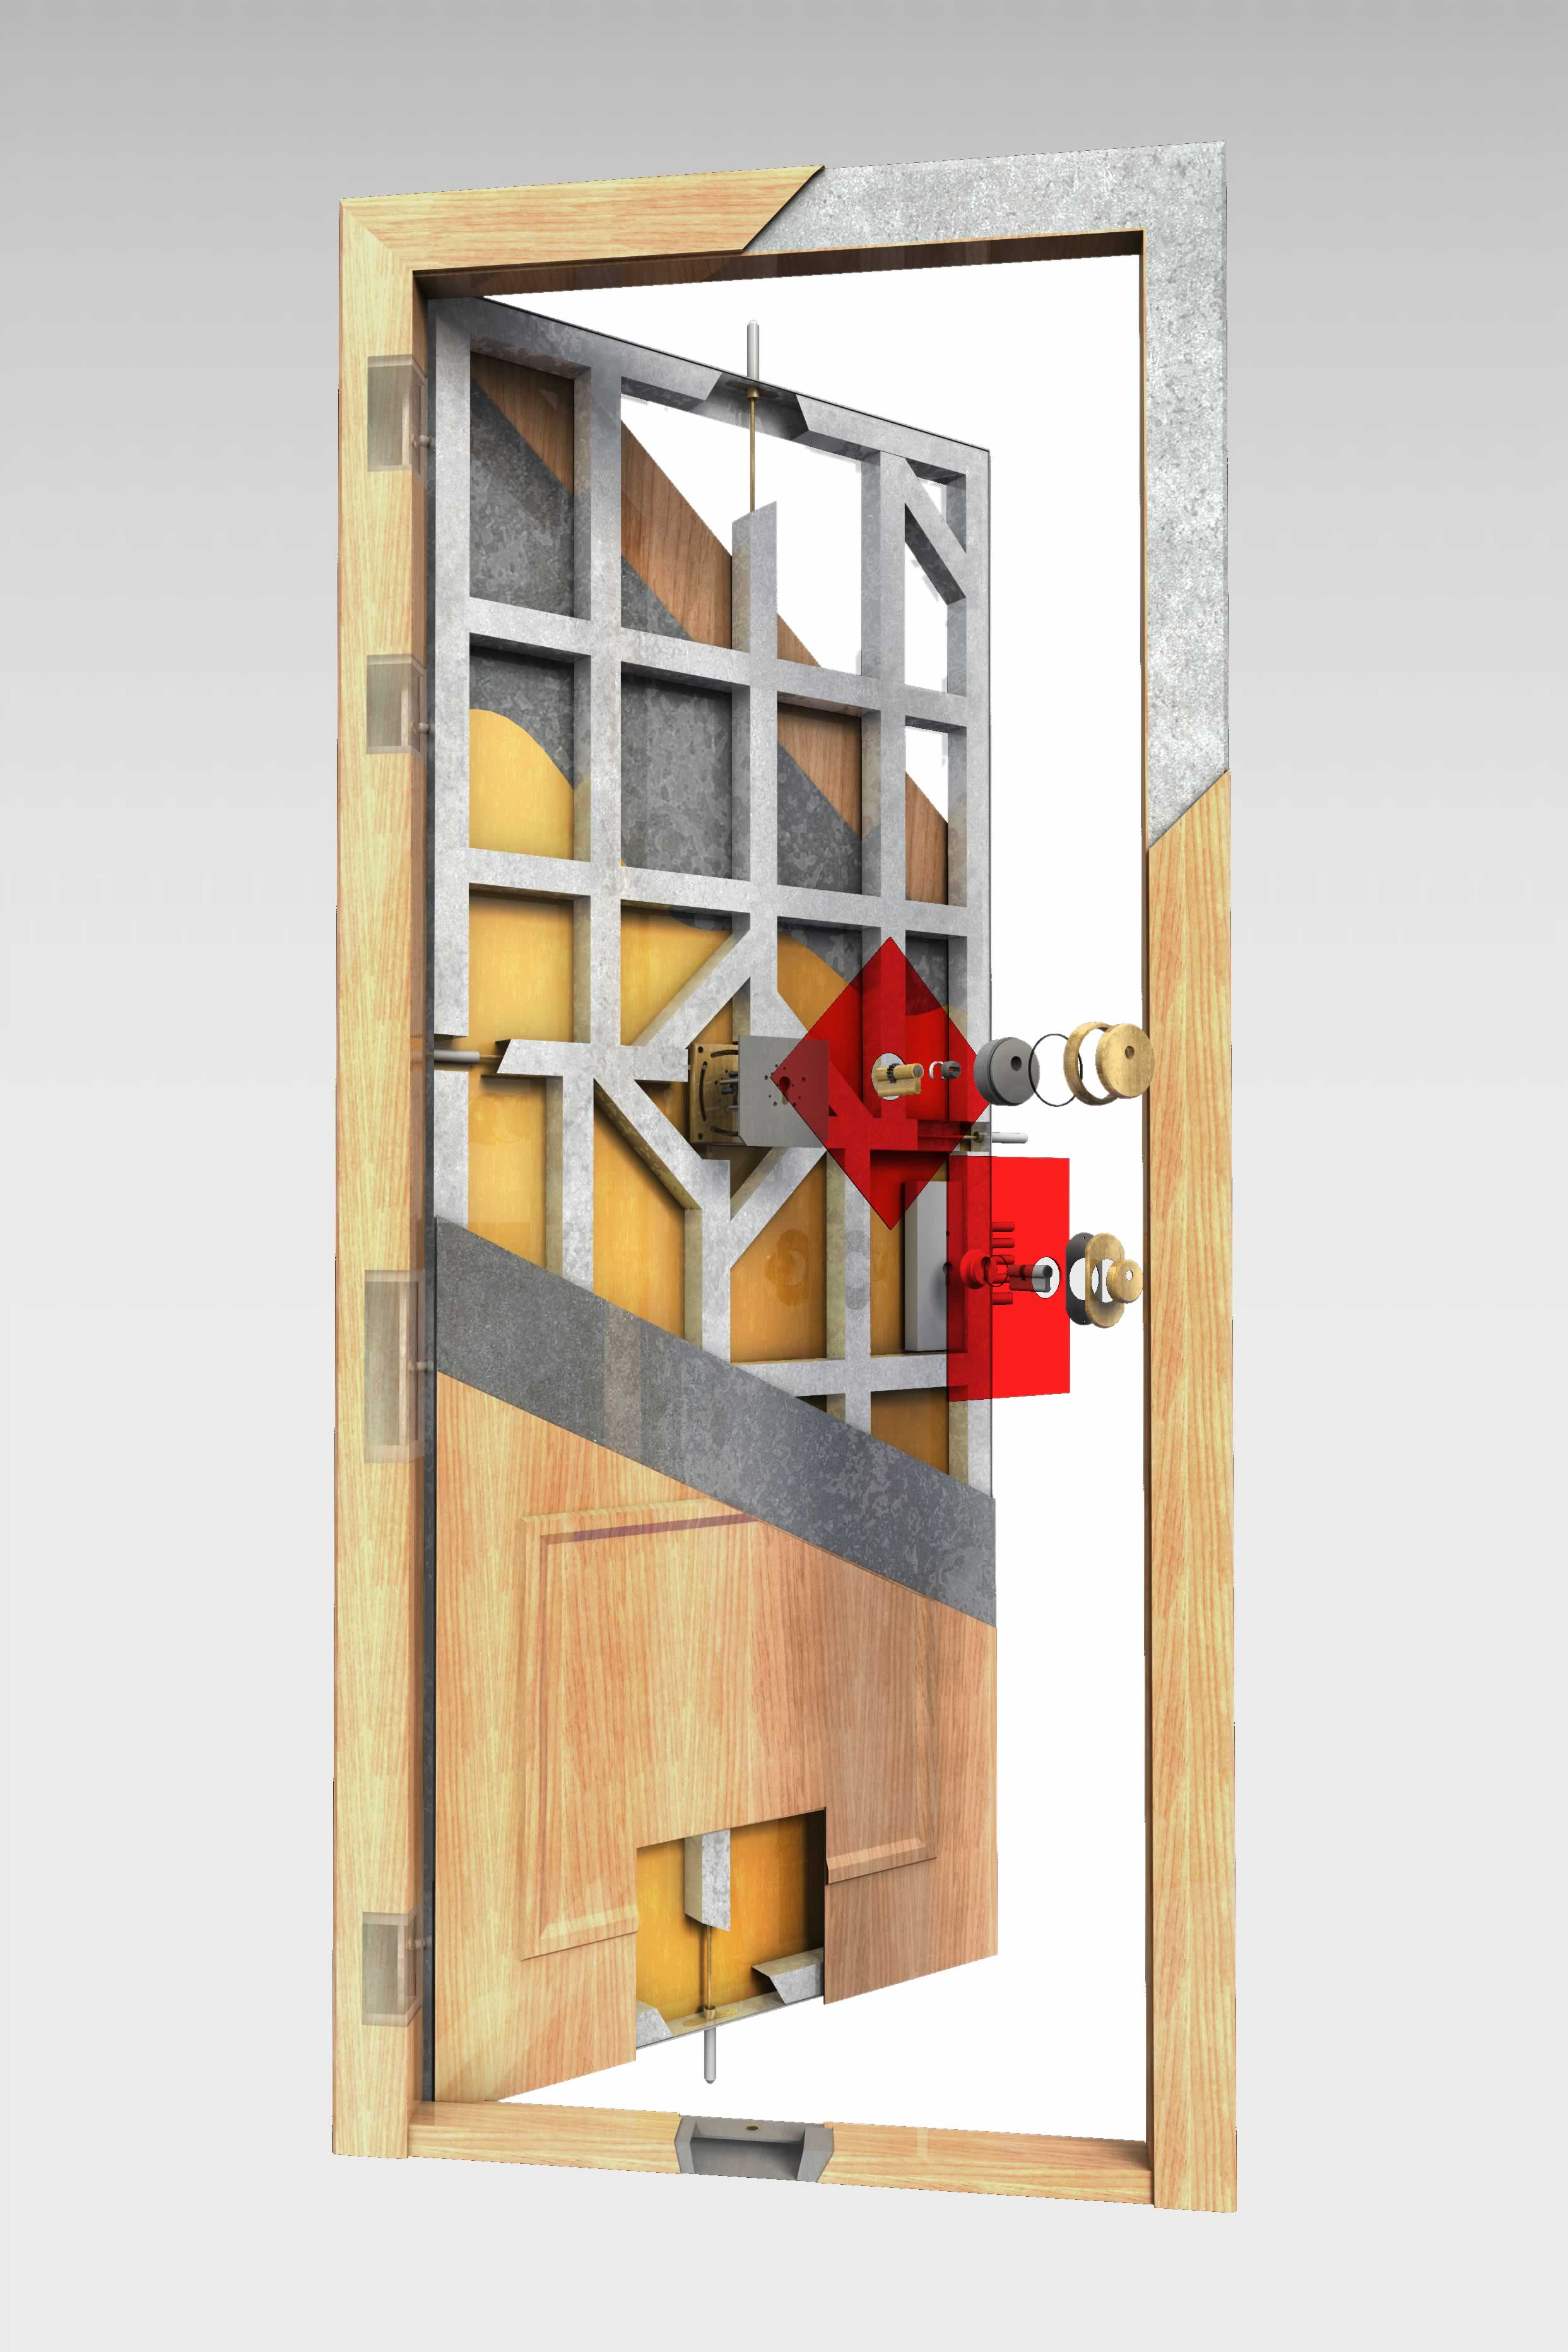 Hermosa Profundidad Marco De La Puerta Estándar Ilustración - Ideas ...